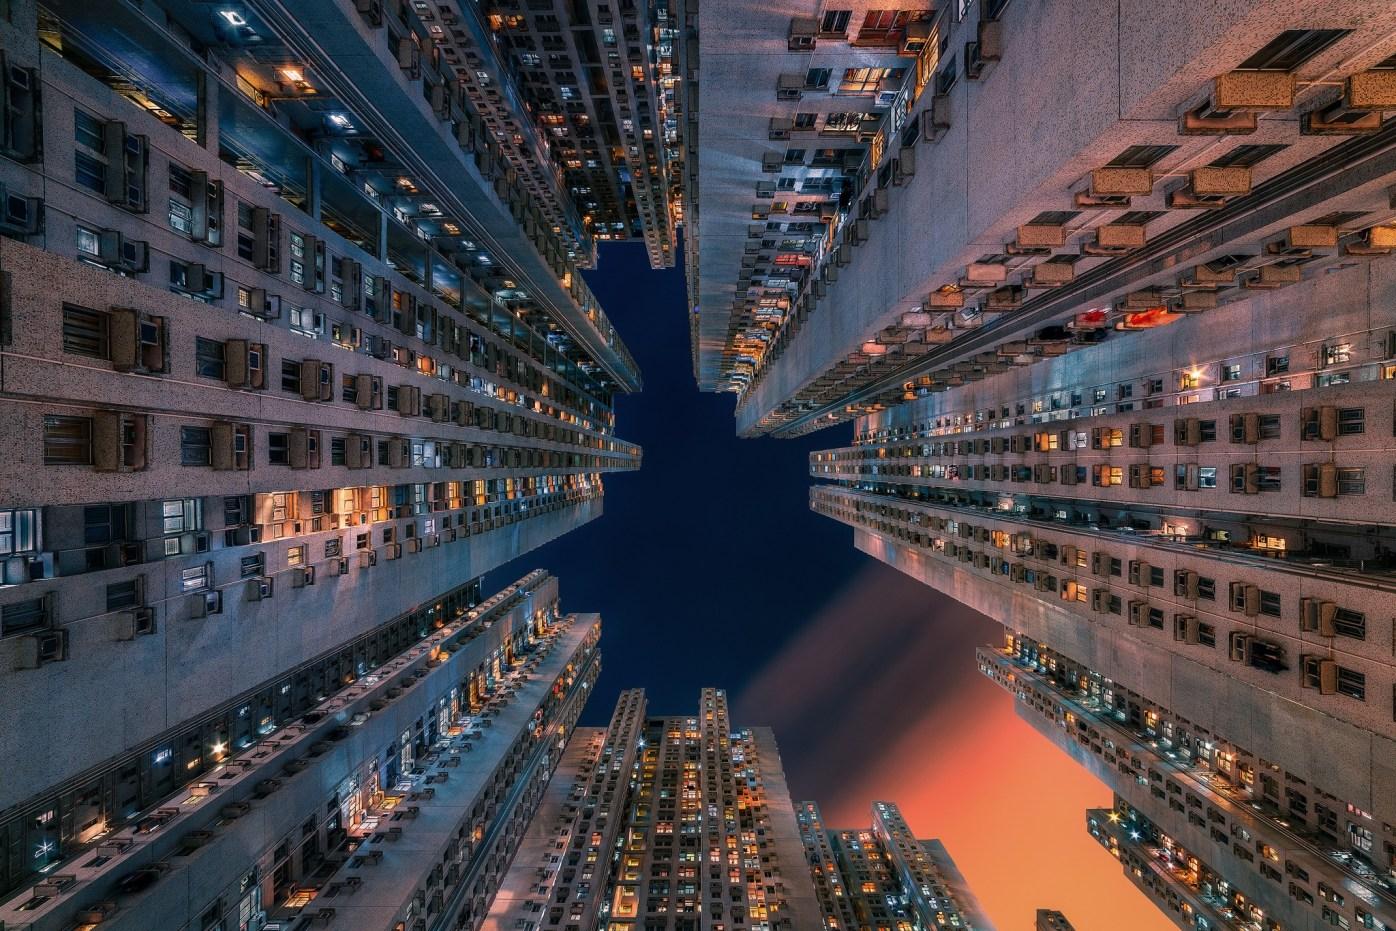 Utopia -Apartment blocks in Tseung Kwan O, Hong Kong